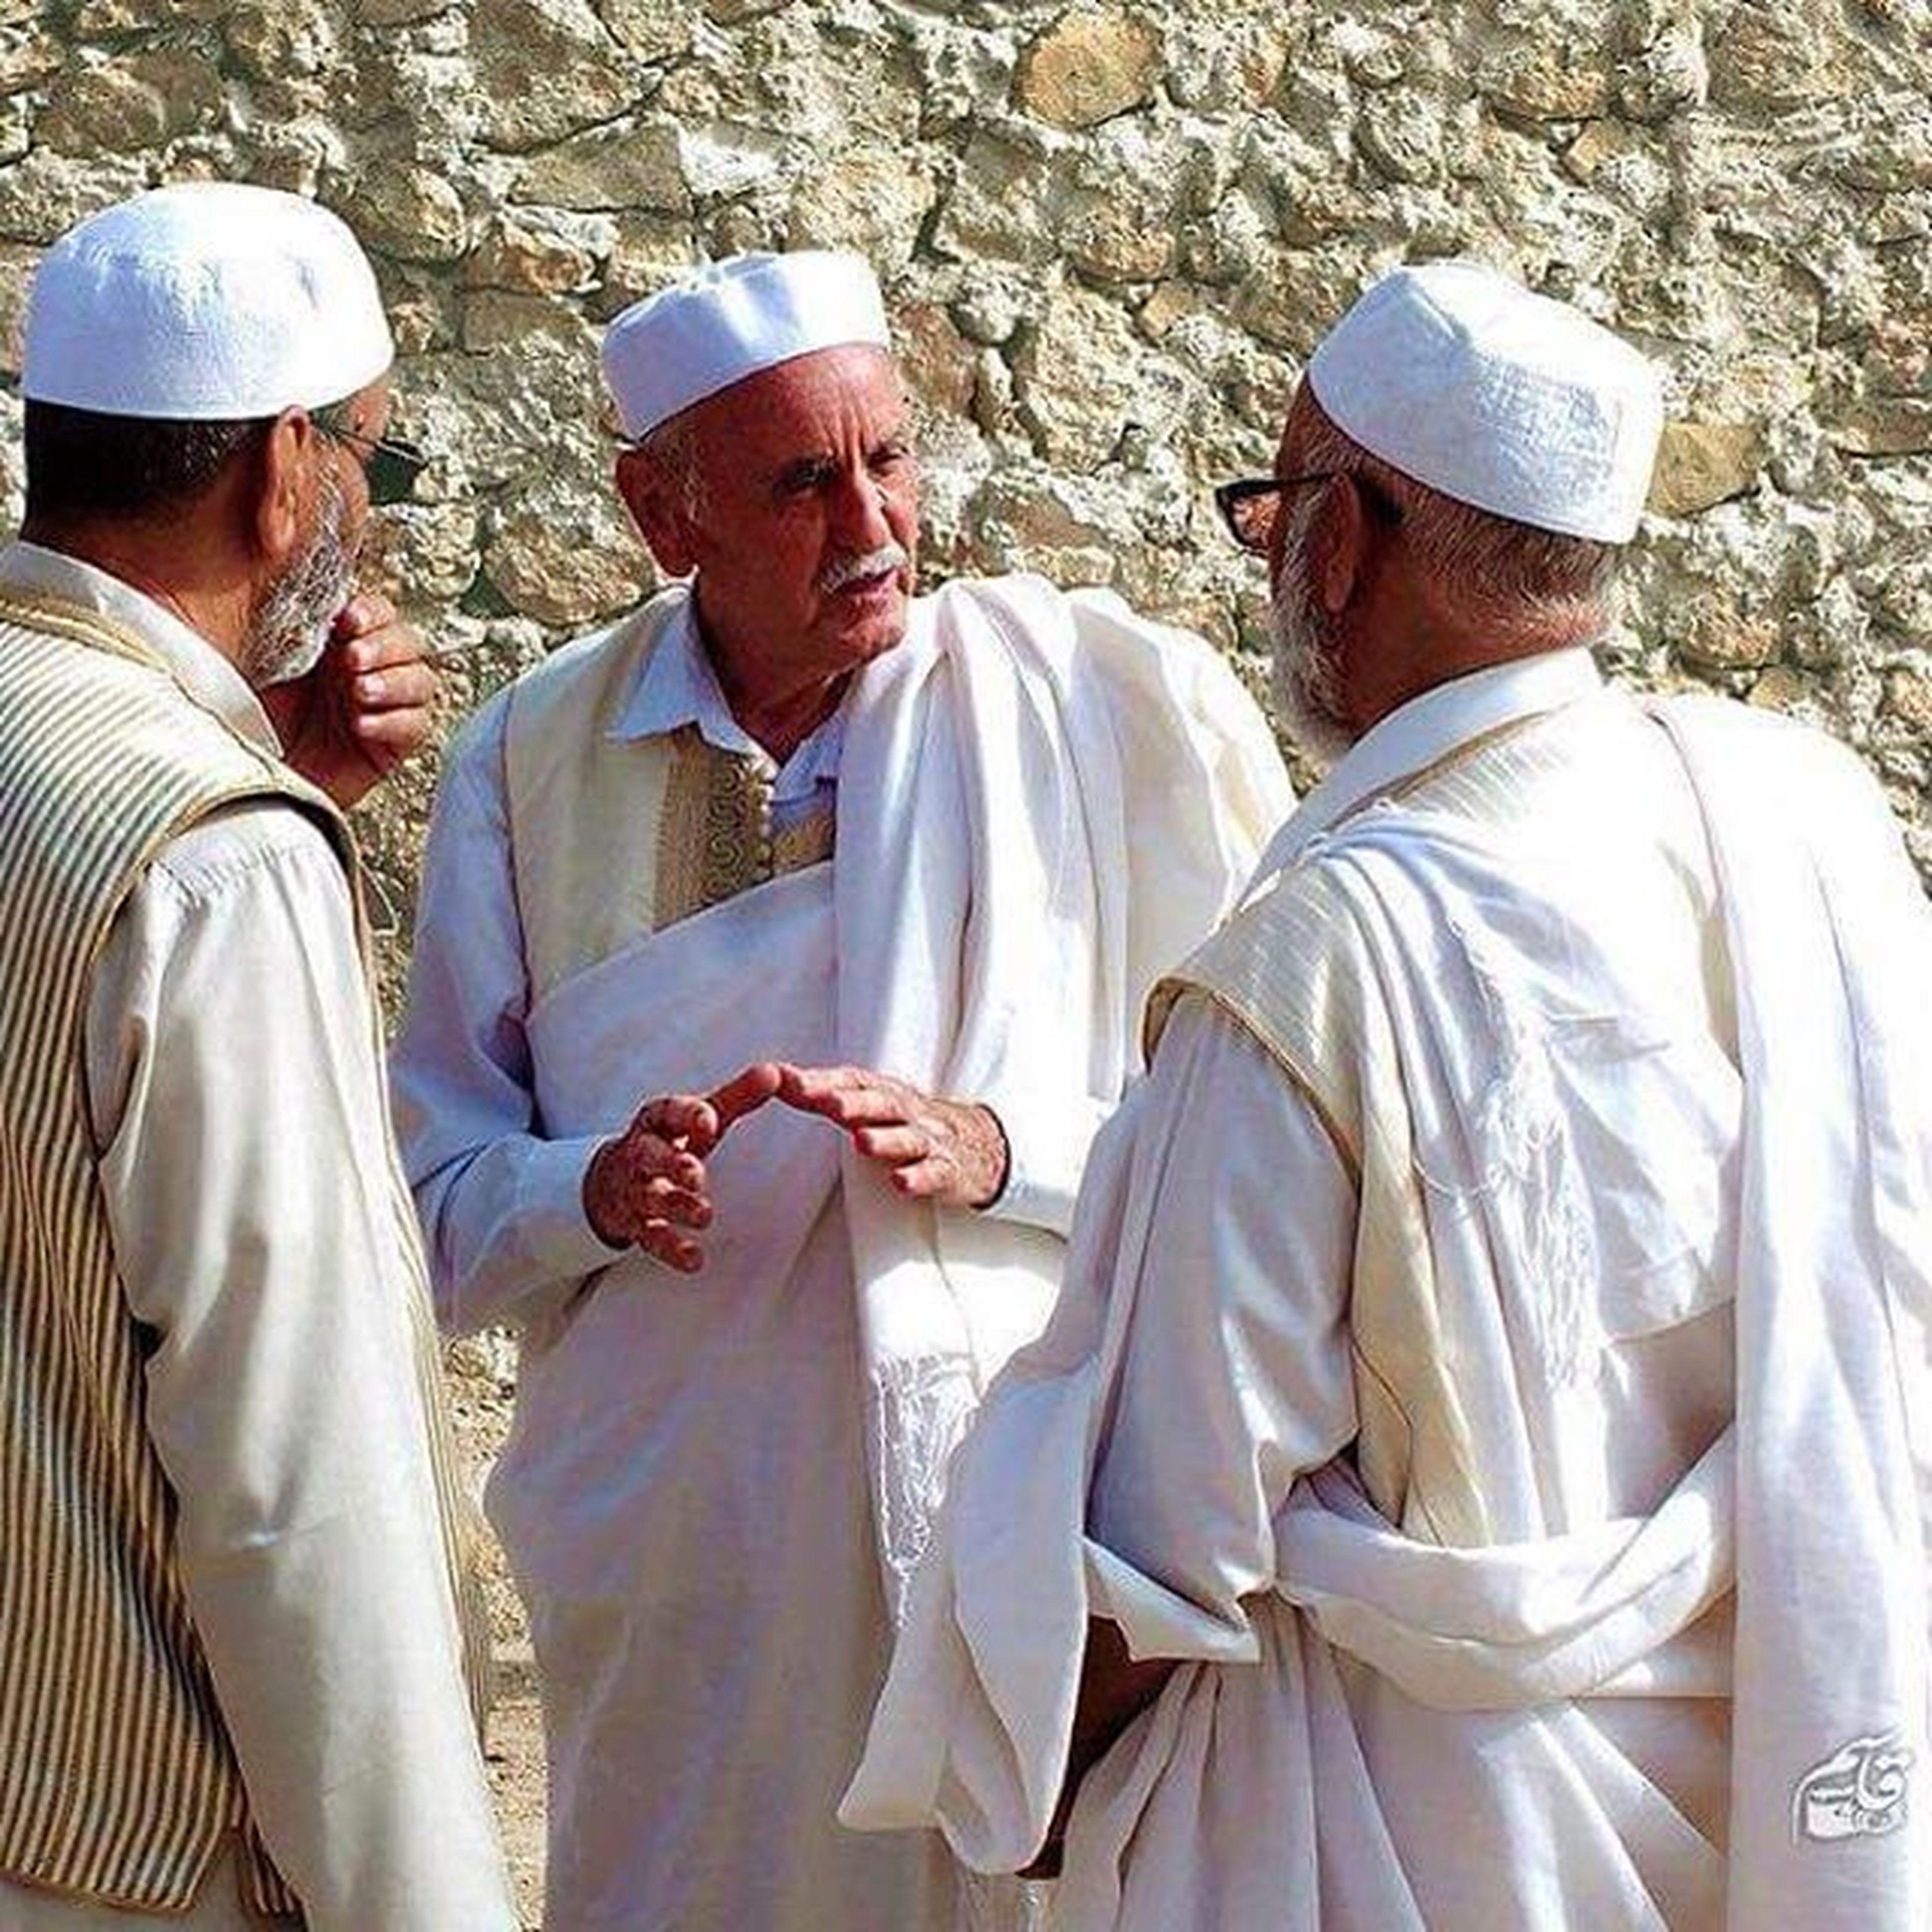 هدرزة Oldmen Libyan OldMemories